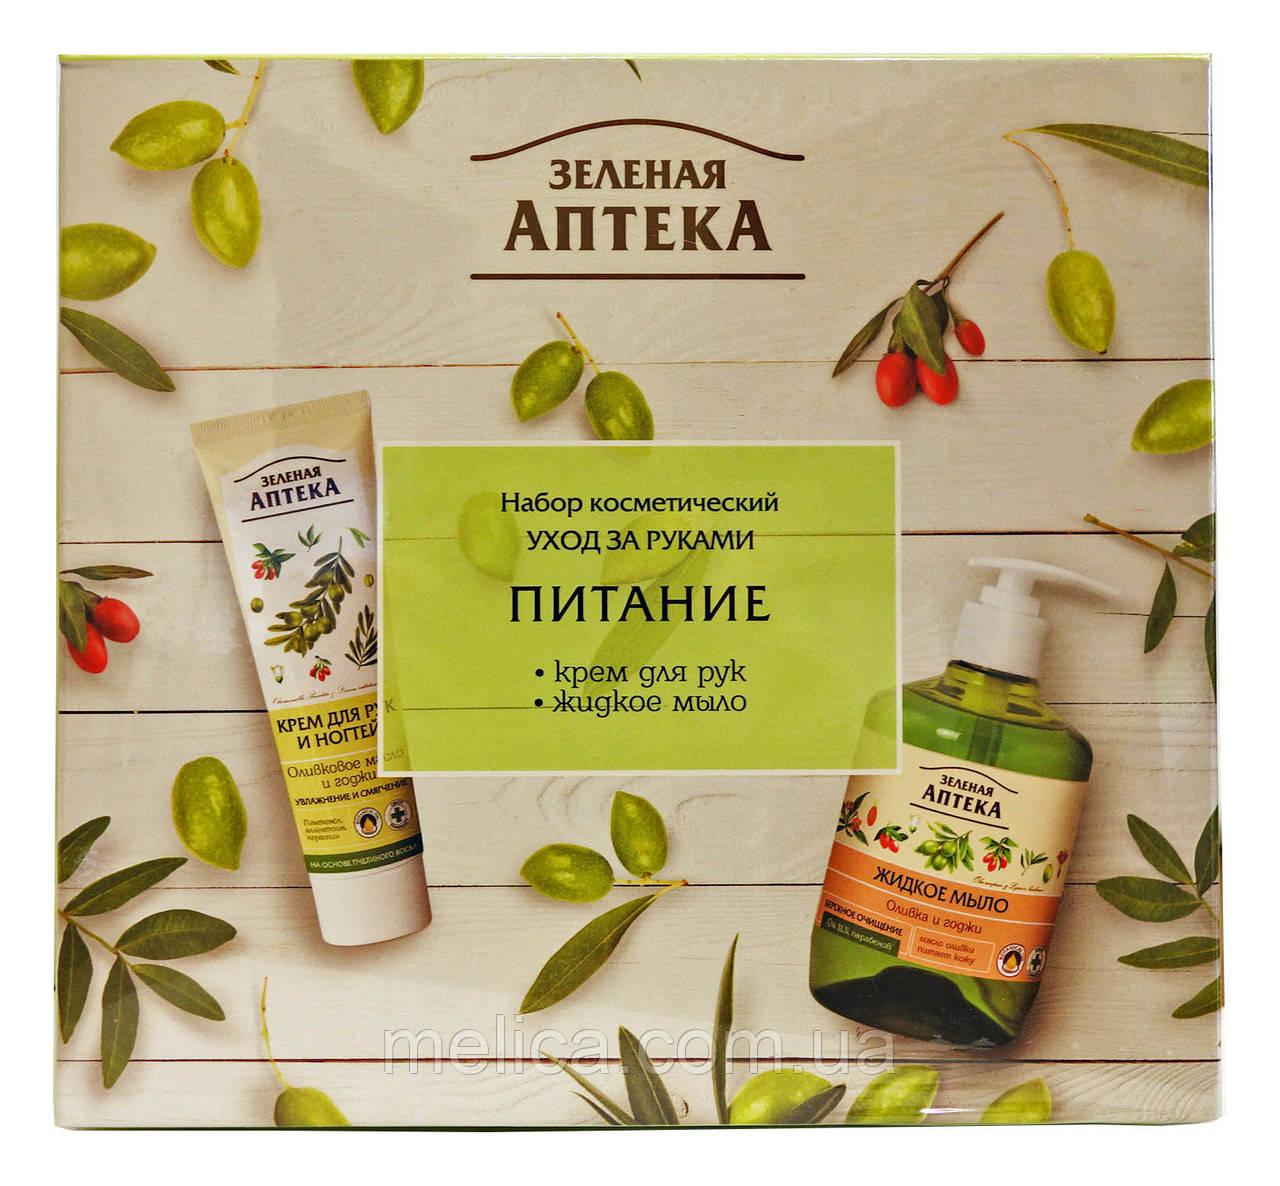 Косметический набор Зеленая Аптека Уход за руками Питание Оливка и Годжи (жидкое мыло+крем для рук)